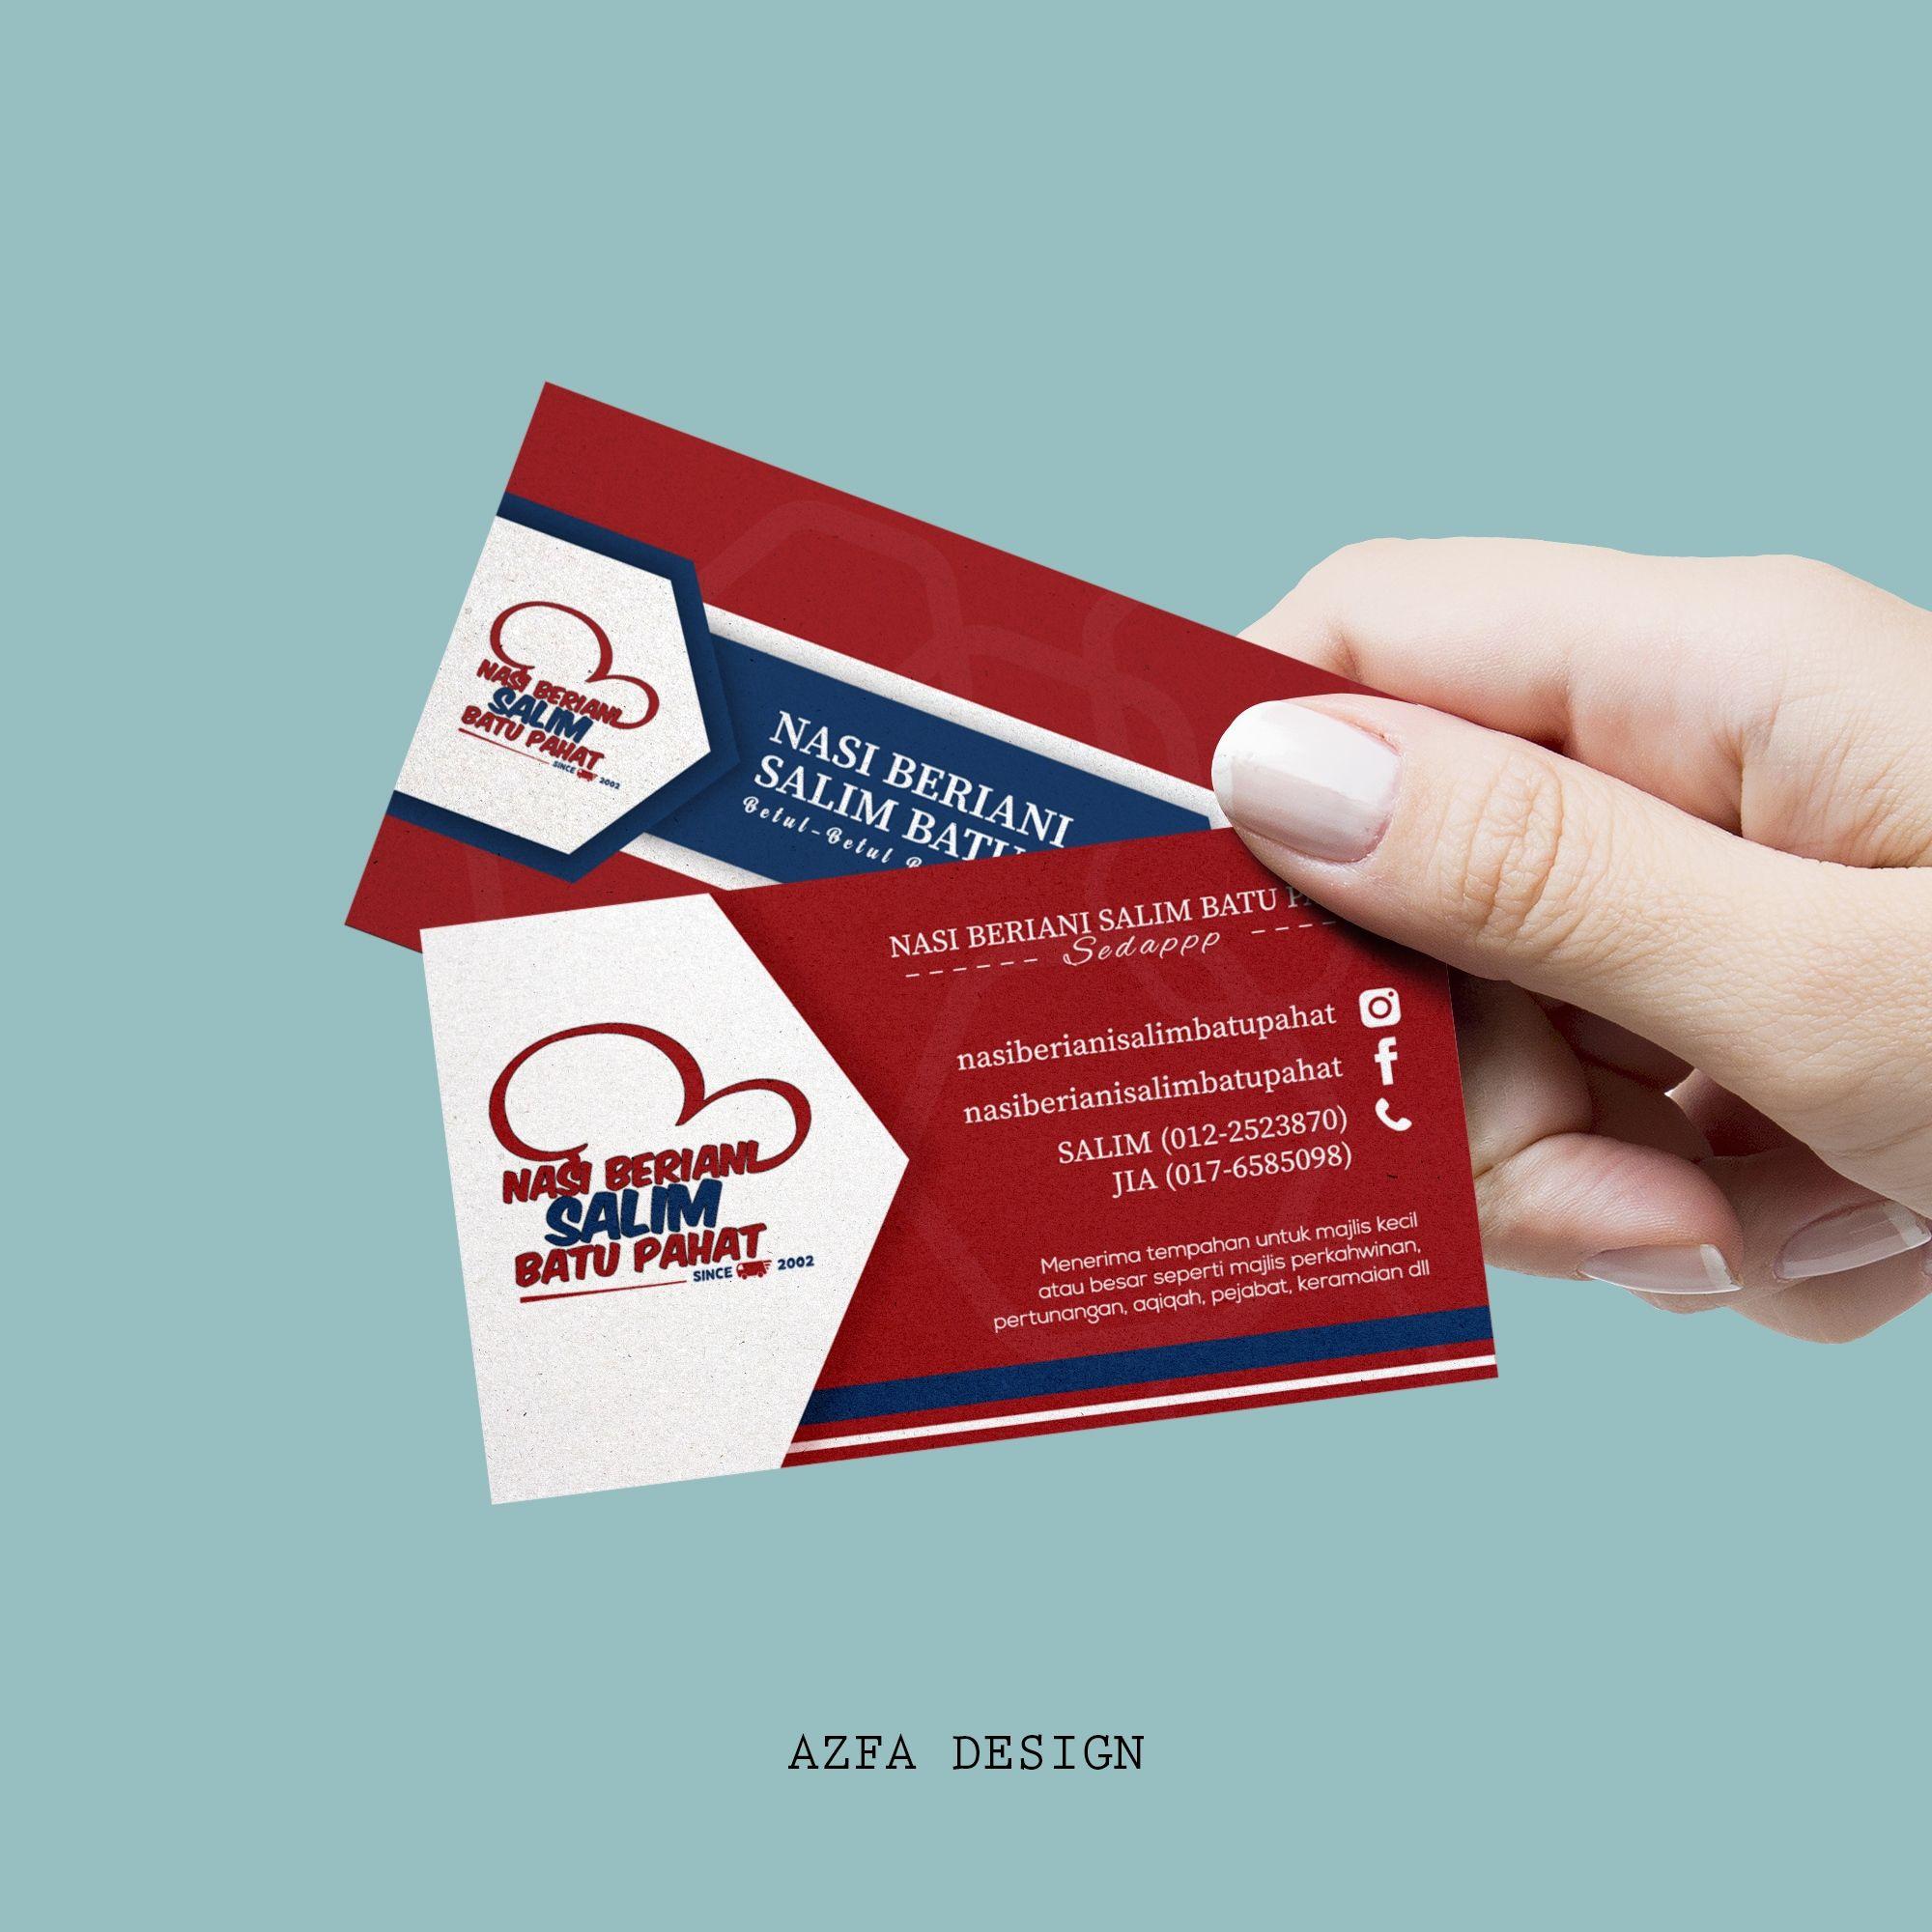 Azfadesign Bisneskaddesign Tahap Mana Keseriusan Anda Dalam Berbisnes 30 Peratus Atau 100 Peratus Jika Anda 100 Perat In 2021 Messages Cards Business Cards